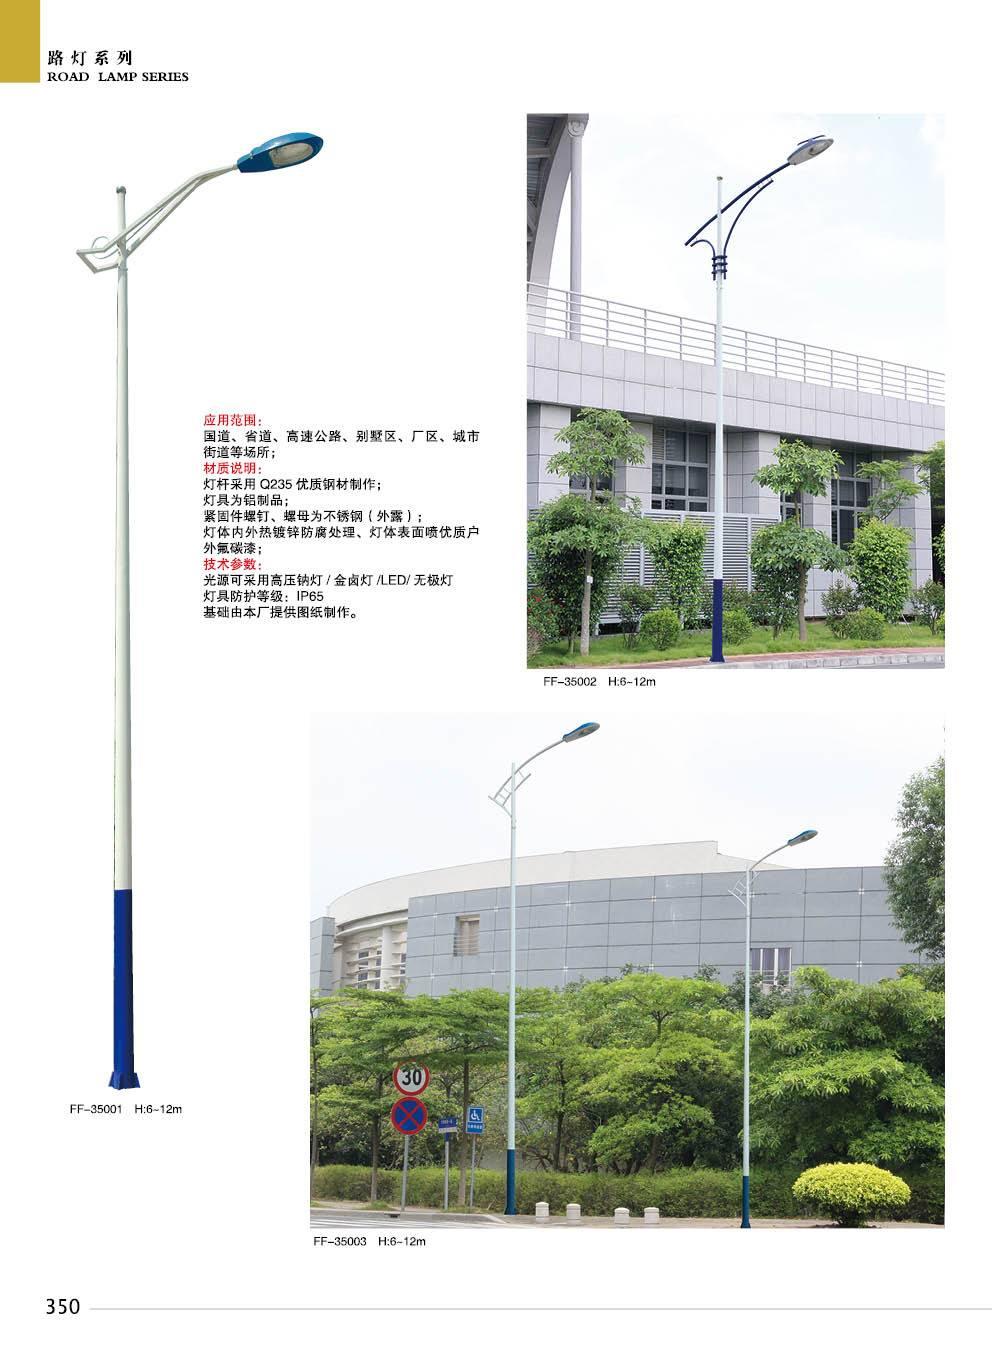 贵阳道路灯生产厂家